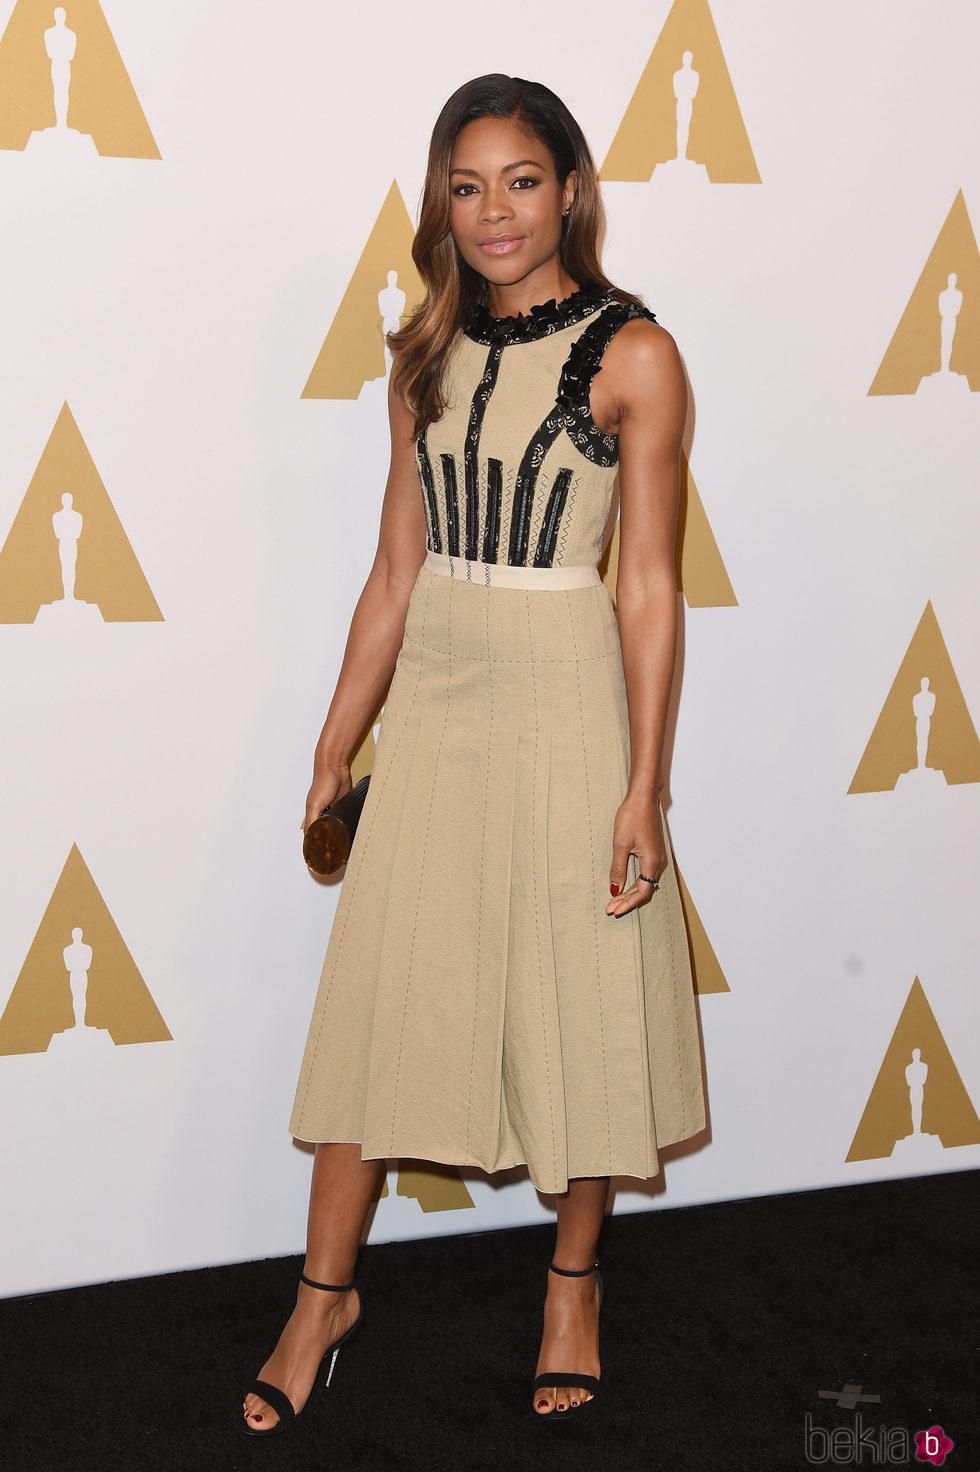 Naomie Harris en el almuerzo de los nominados a los Oscar 2017